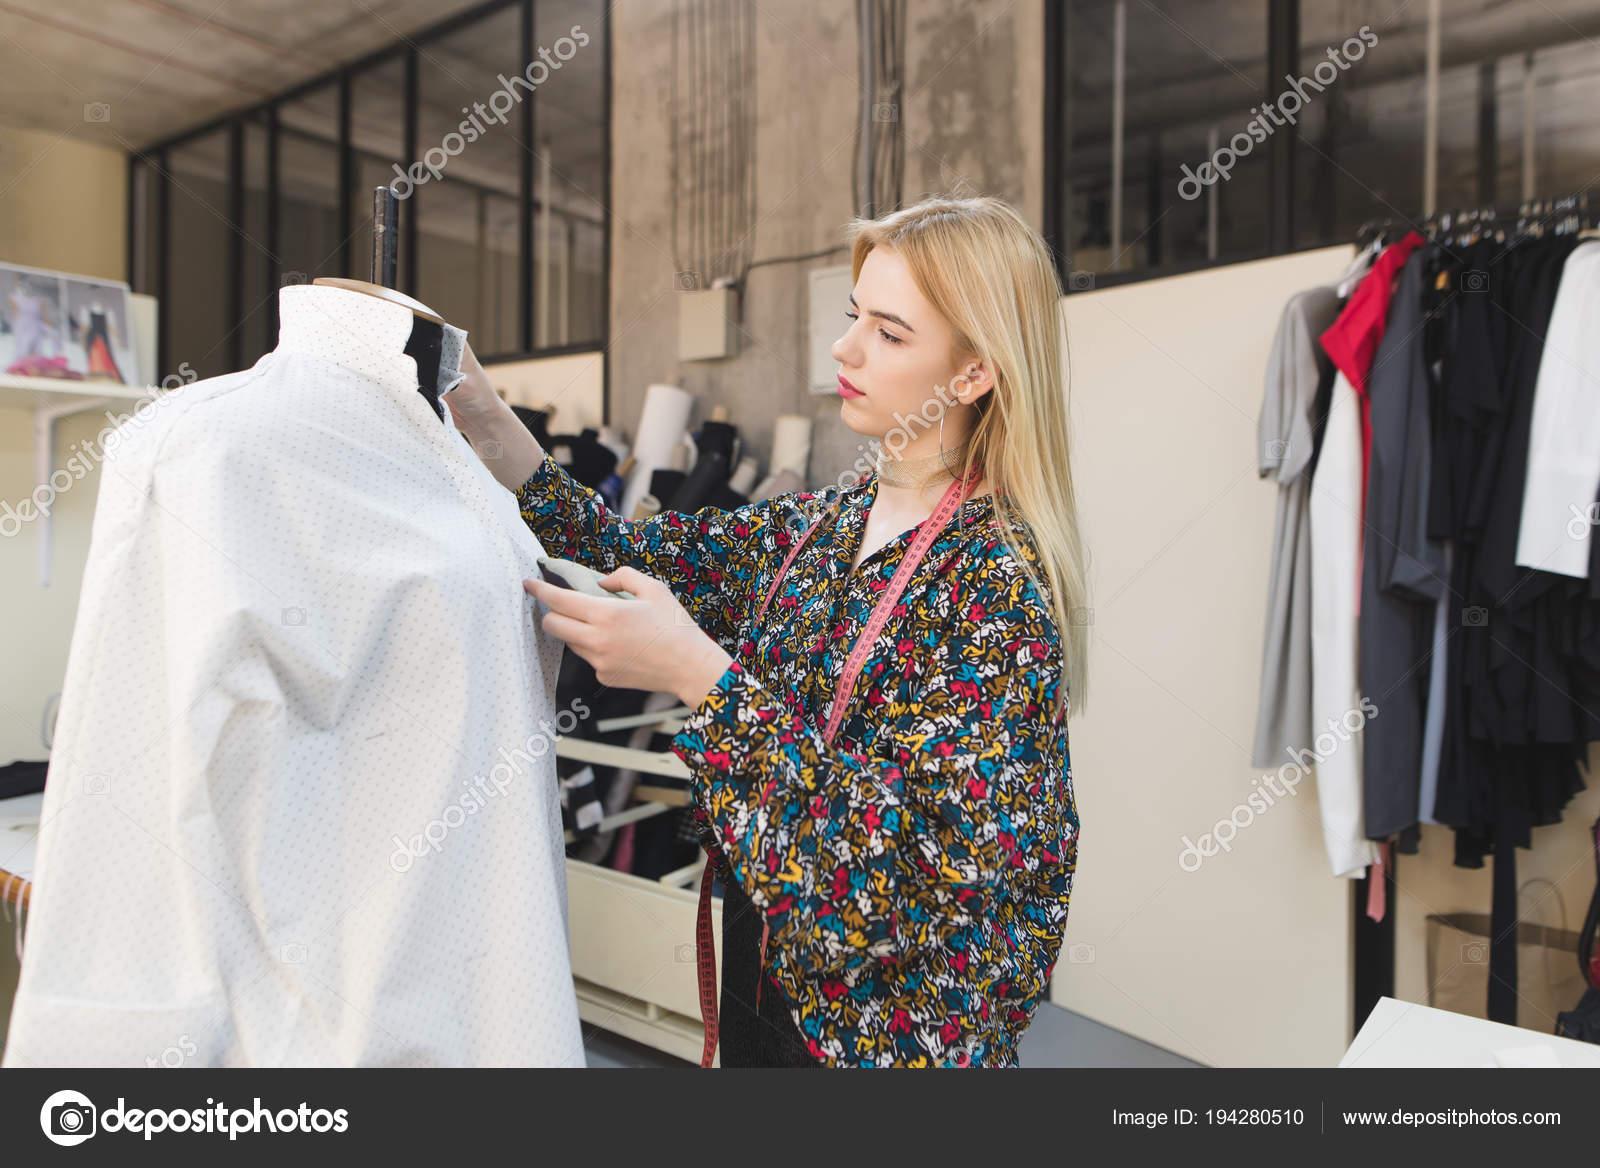 7700fb0939200 Um jovem designer de moda cria roupas em um estúdio de moda. Costureira  feminina jovem está em um estúdio bem cuidado e ajusta roupas — Fotografia  por ...